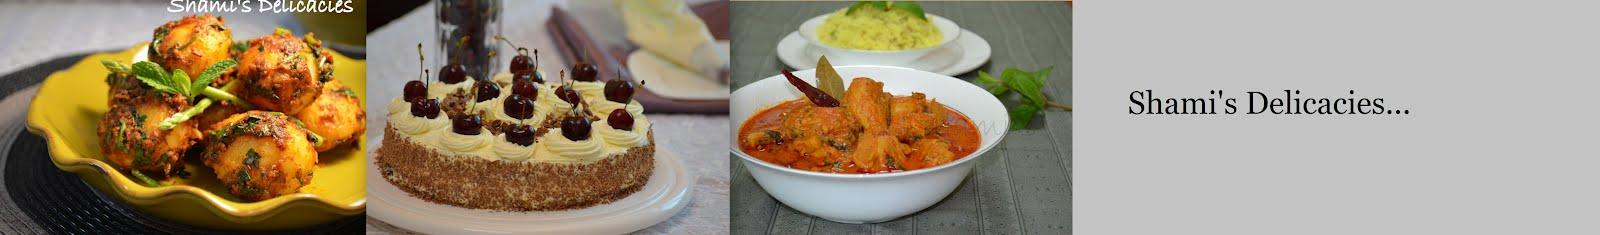 Shami's Delicacies